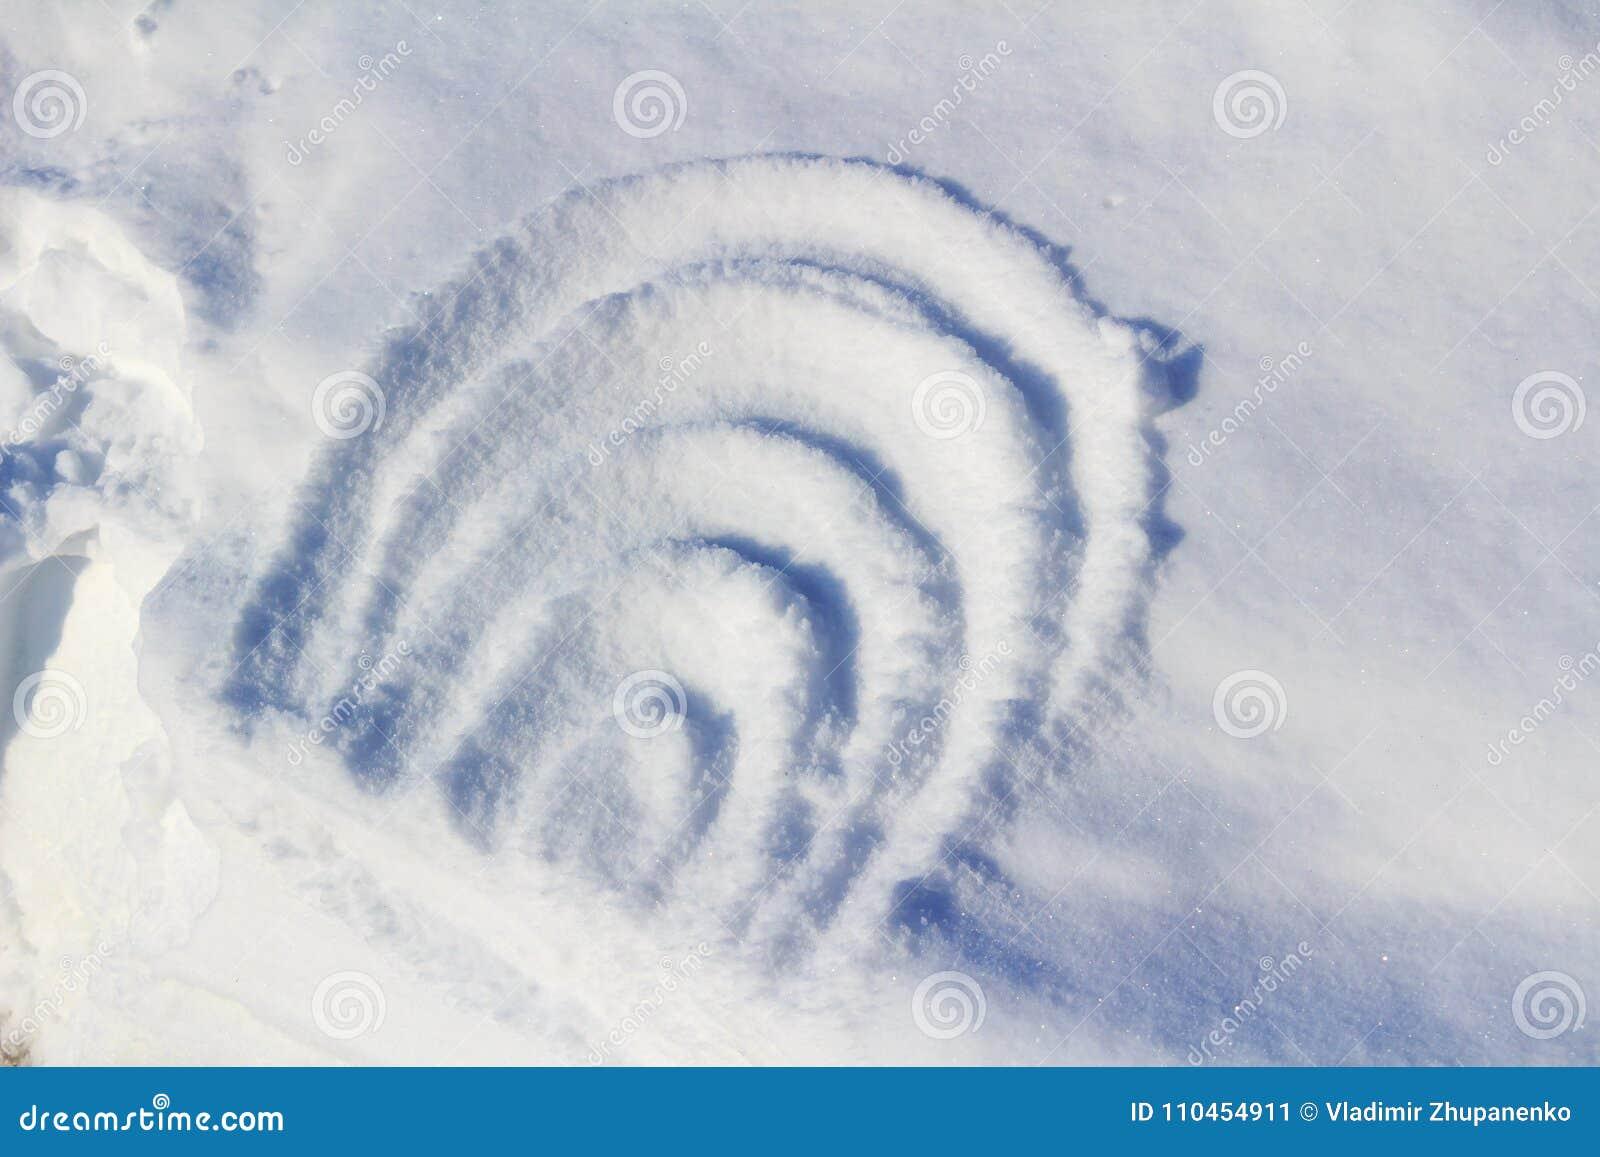 Abstrakt teckning på snö på en solig vinterdag